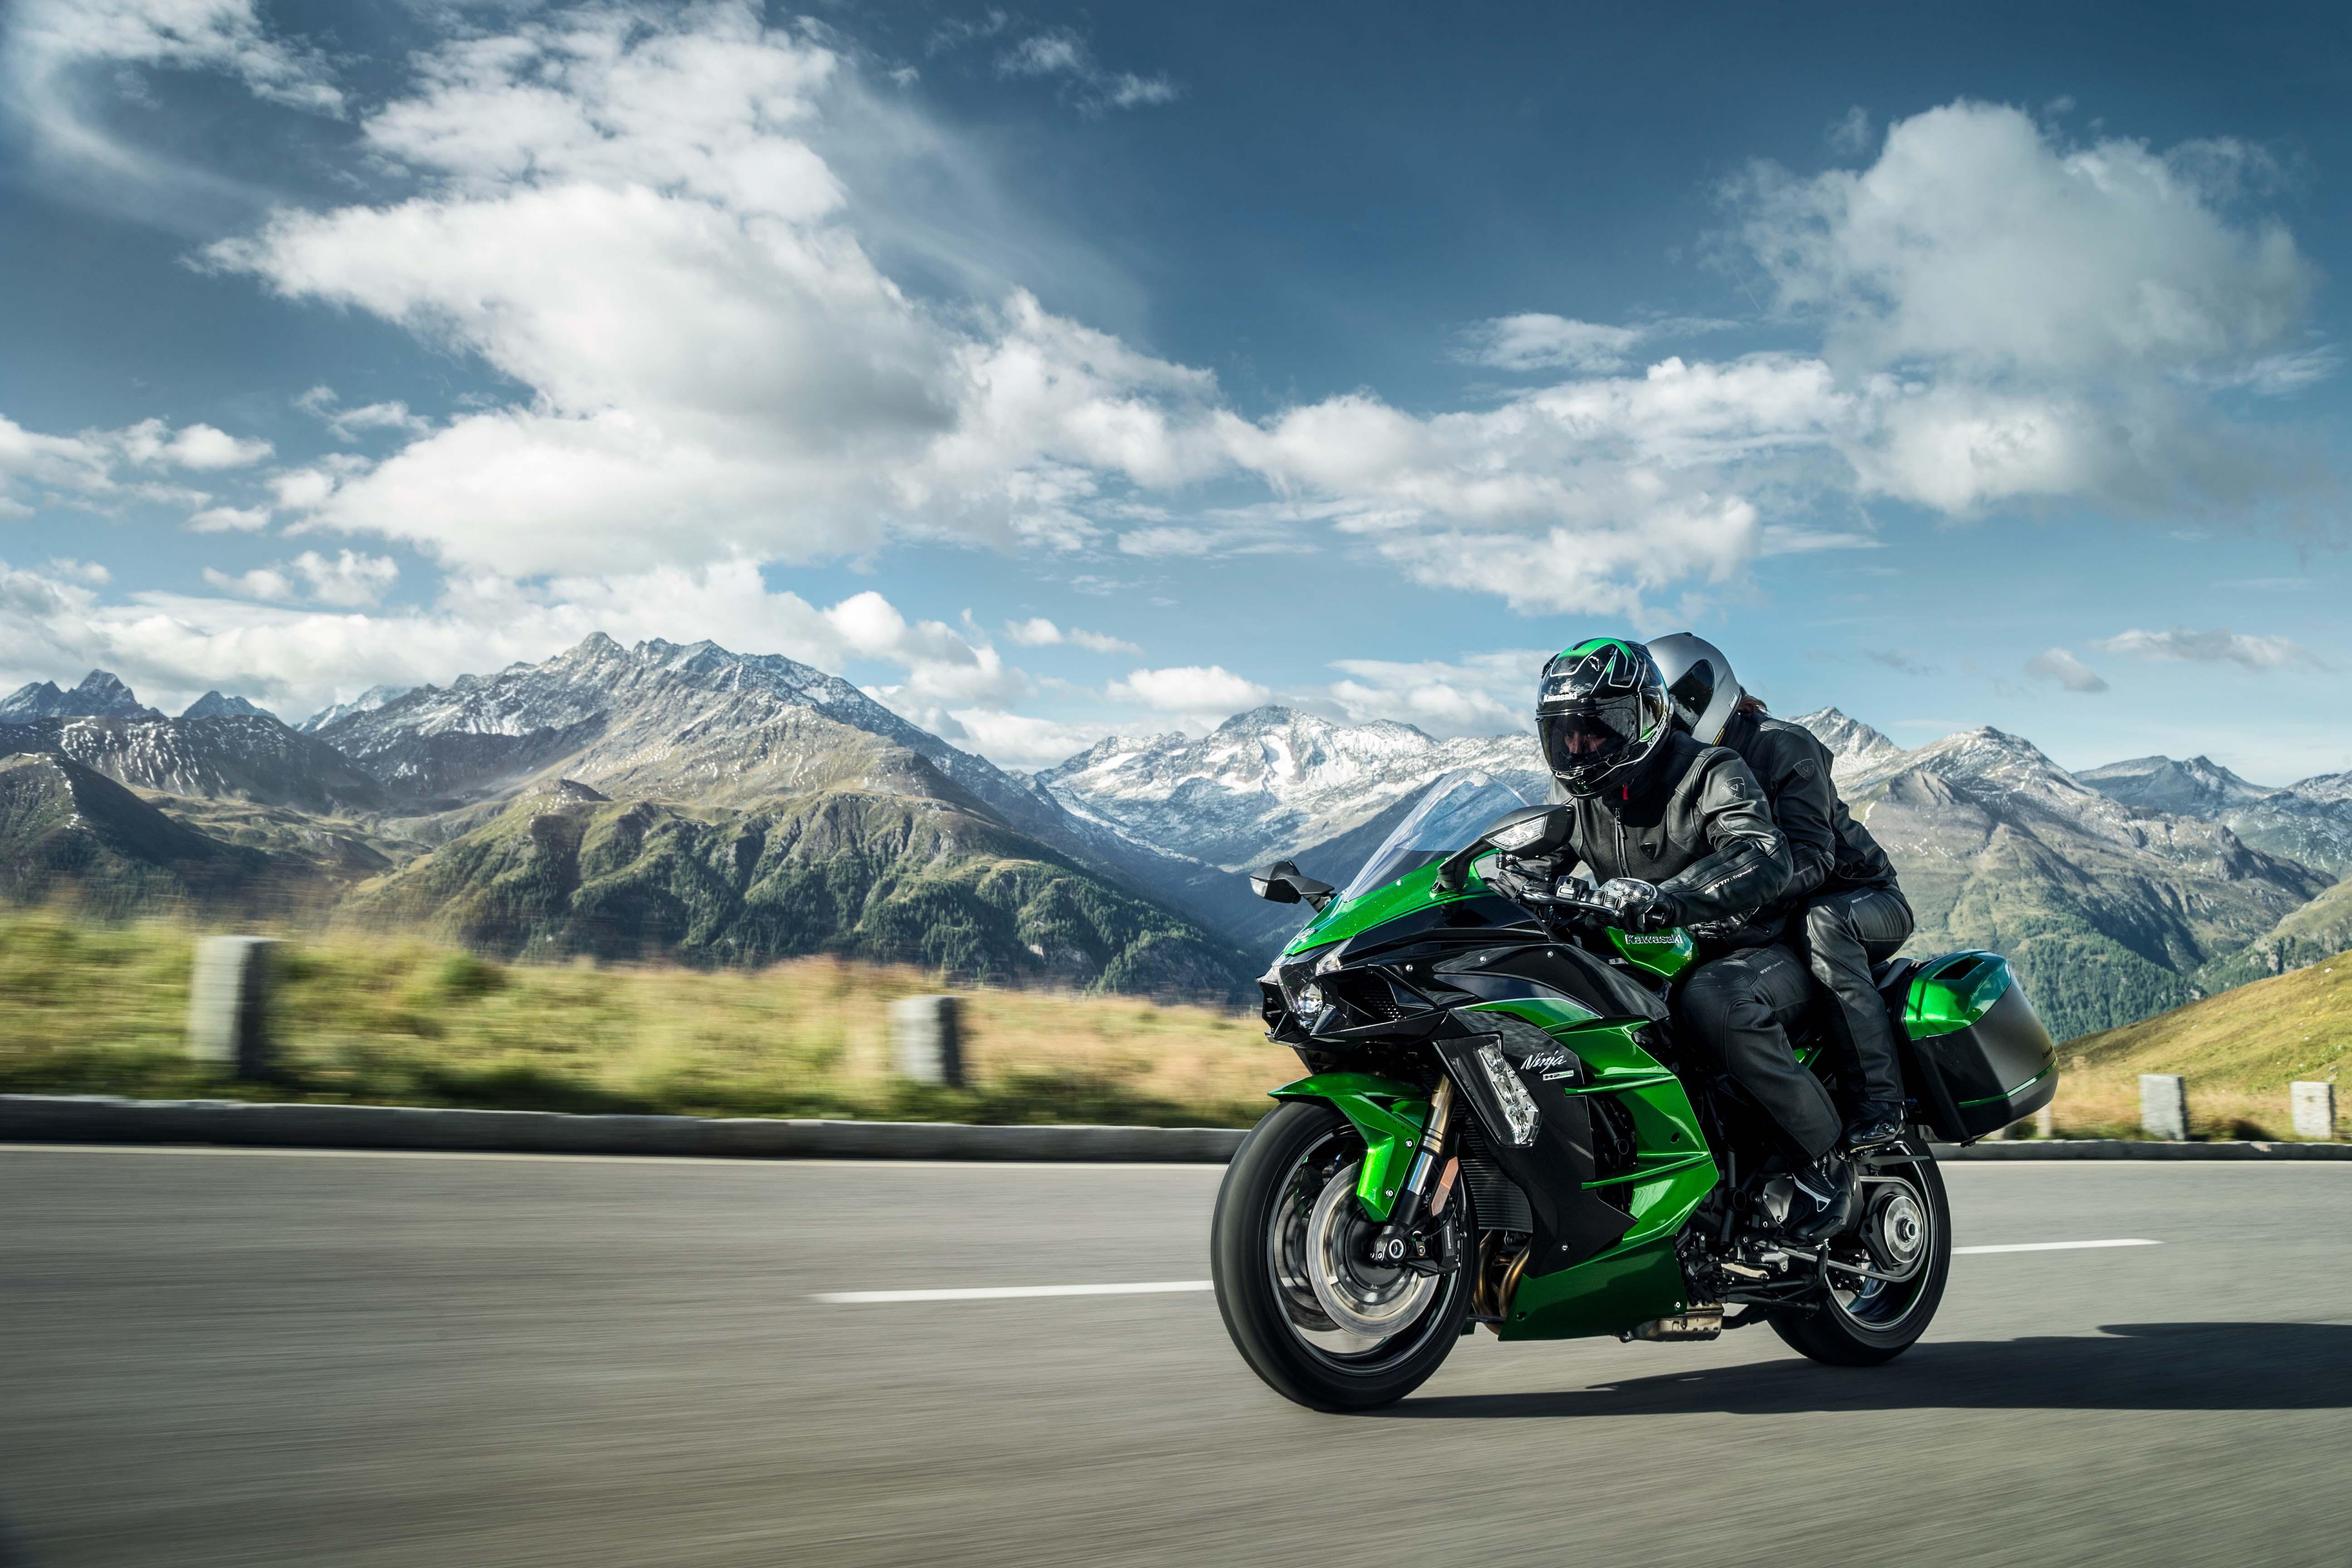 Lançamento: Supercharger chega à linha sport touring com Kawasaki Ninja H2 SX SE